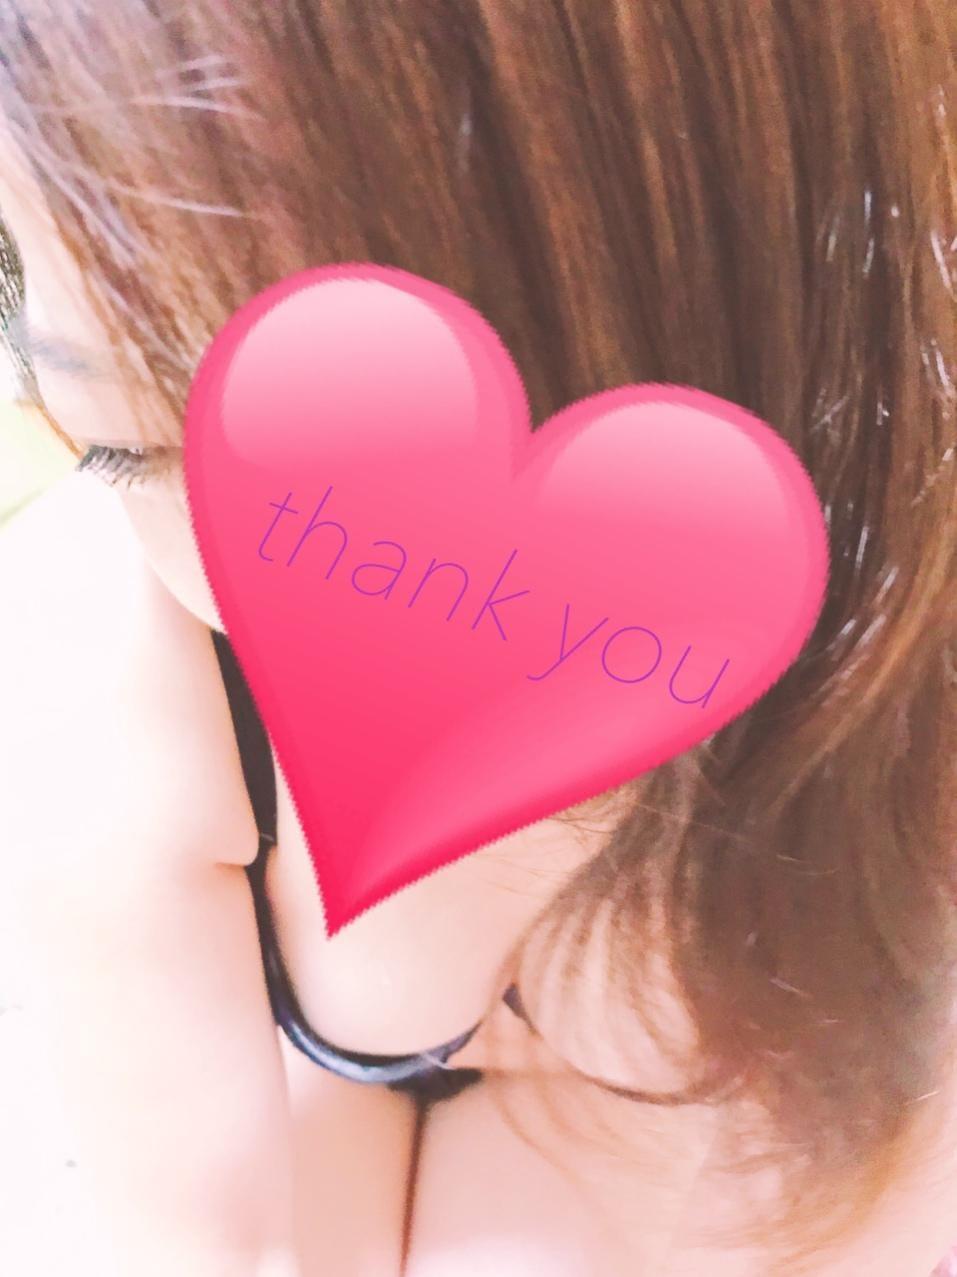 「今日はありがとう^_^」02/19(火) 02:47 | 風華-ふうかの写メ・風俗動画